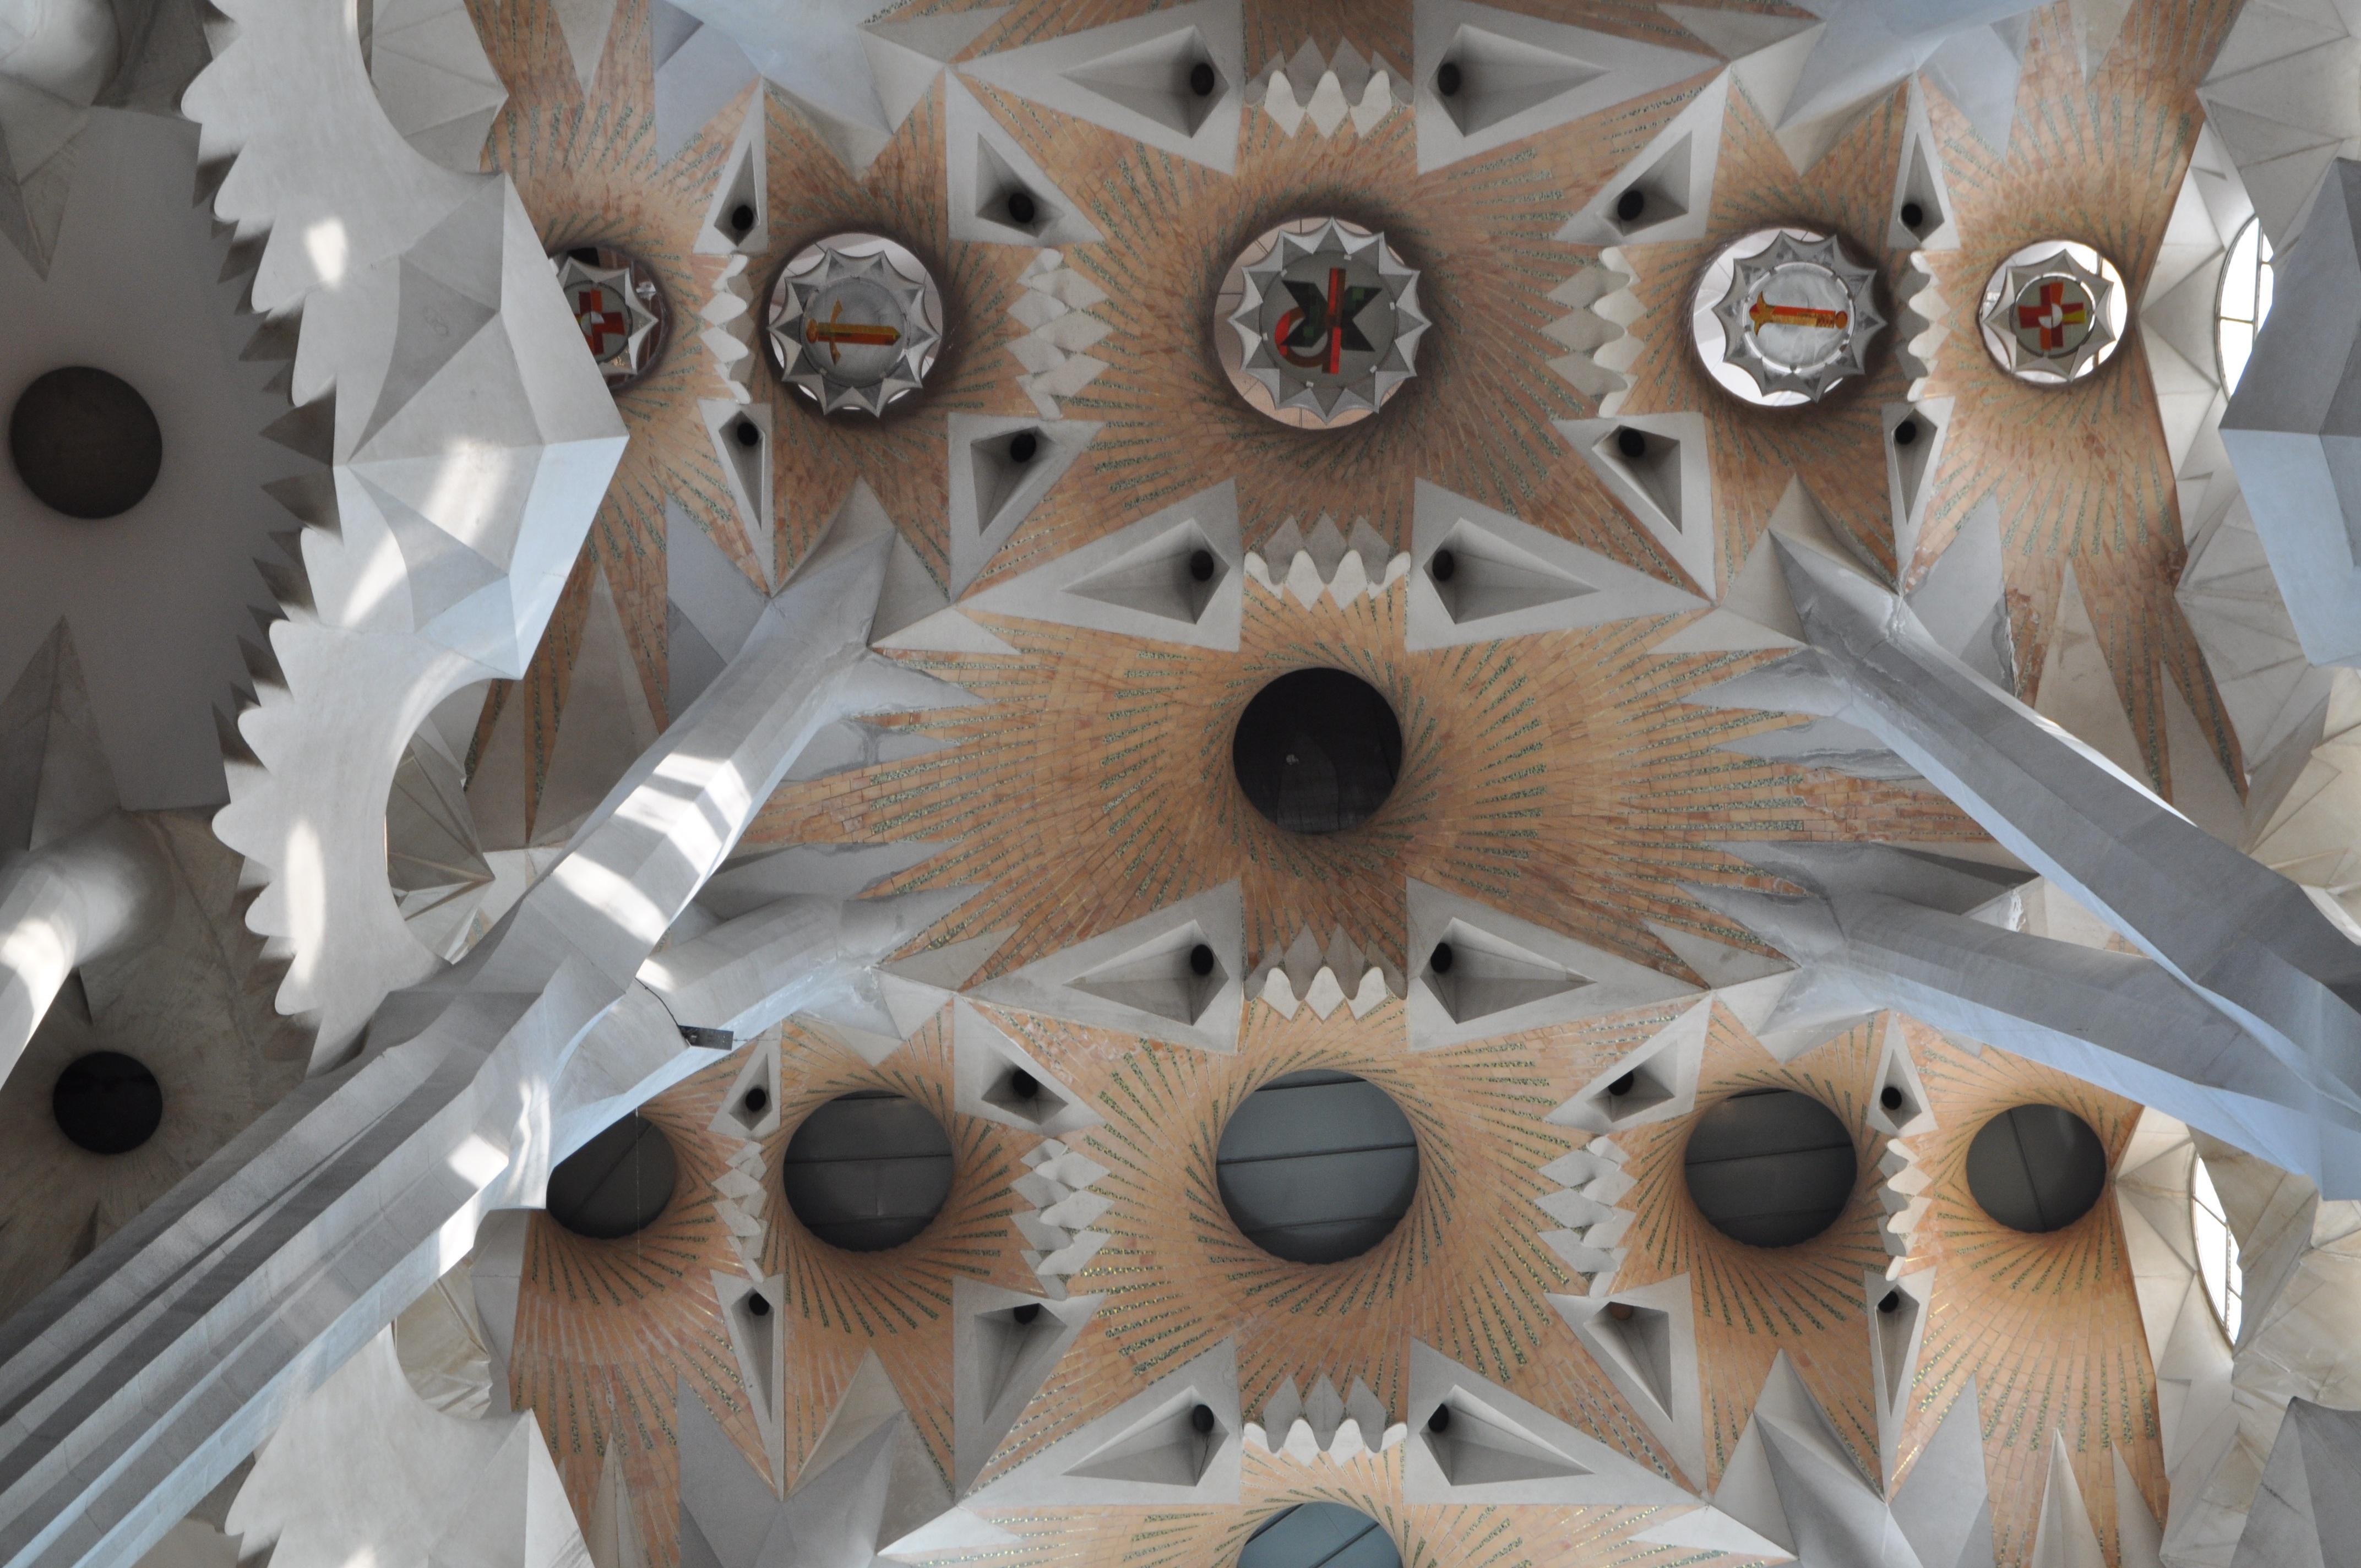 Gratis Afbeeldingen : architectuur, wiel, klok, gebouw, godsdienst ...